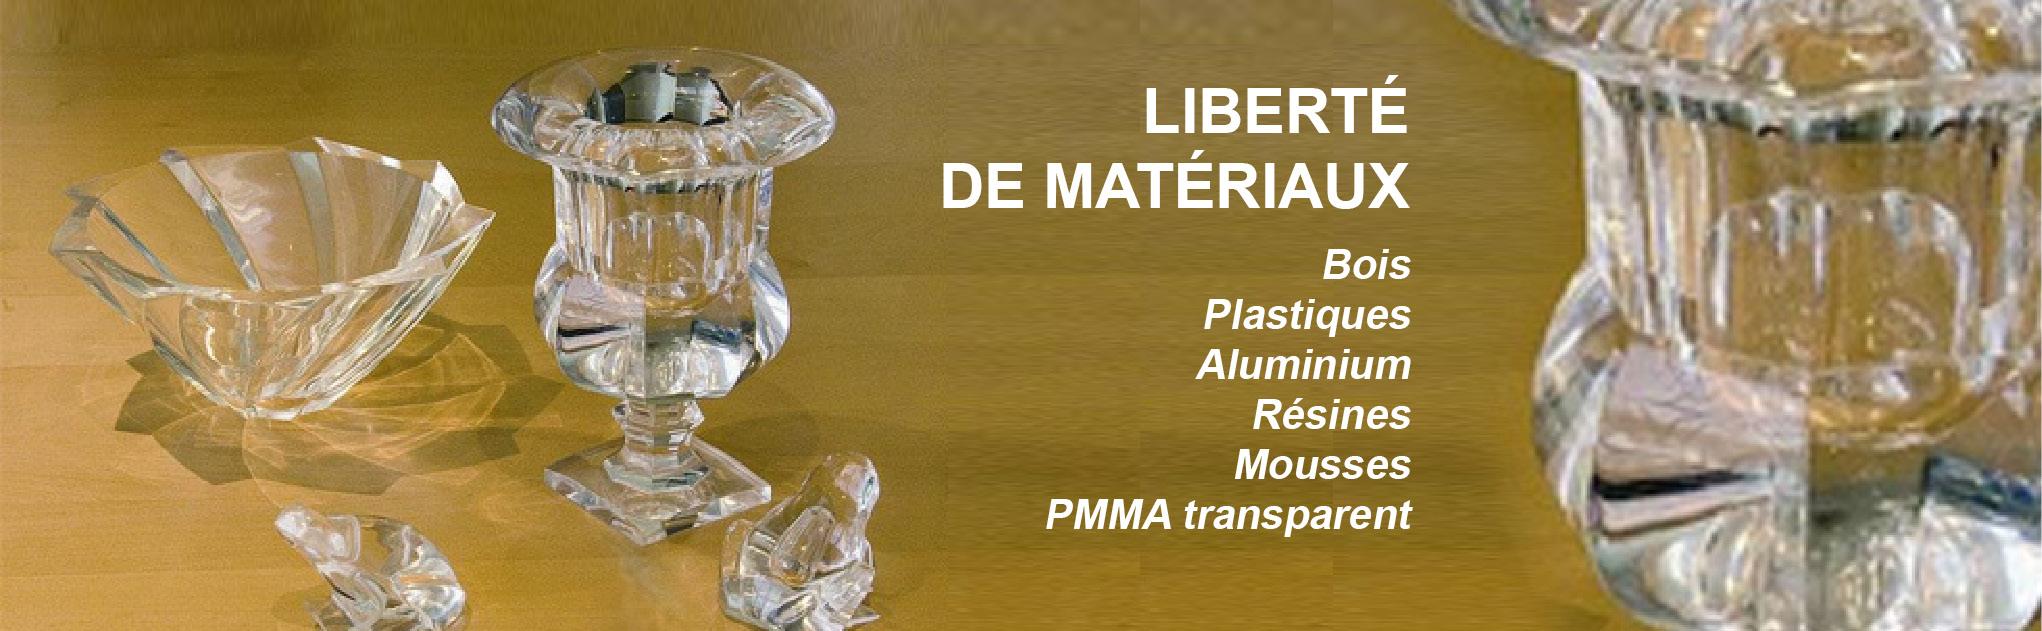 Liberté de matériaux